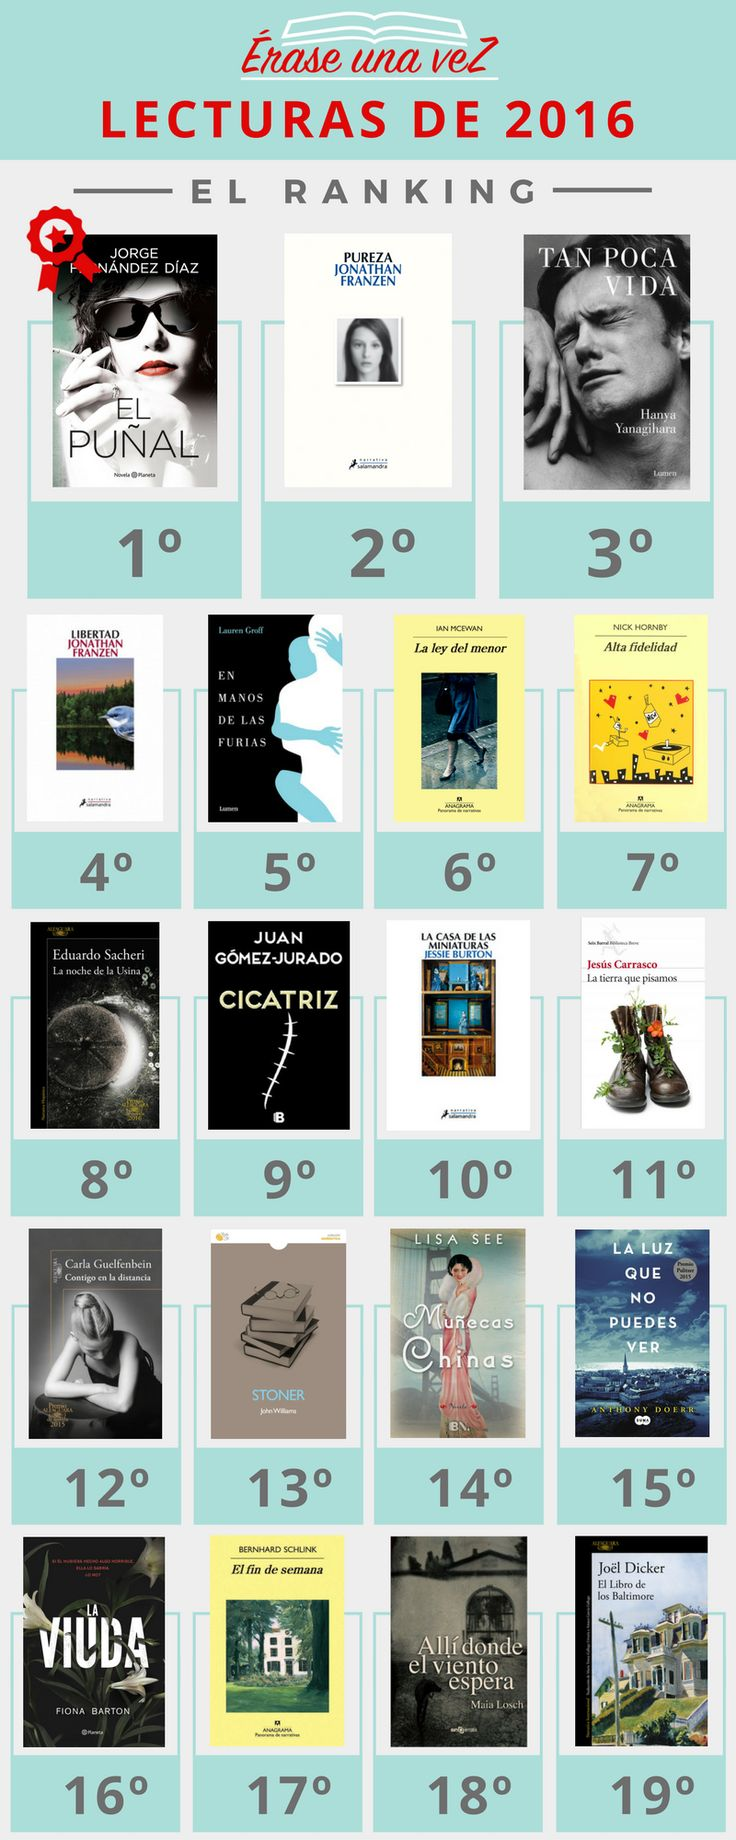 Ranking de lecturas del 2016